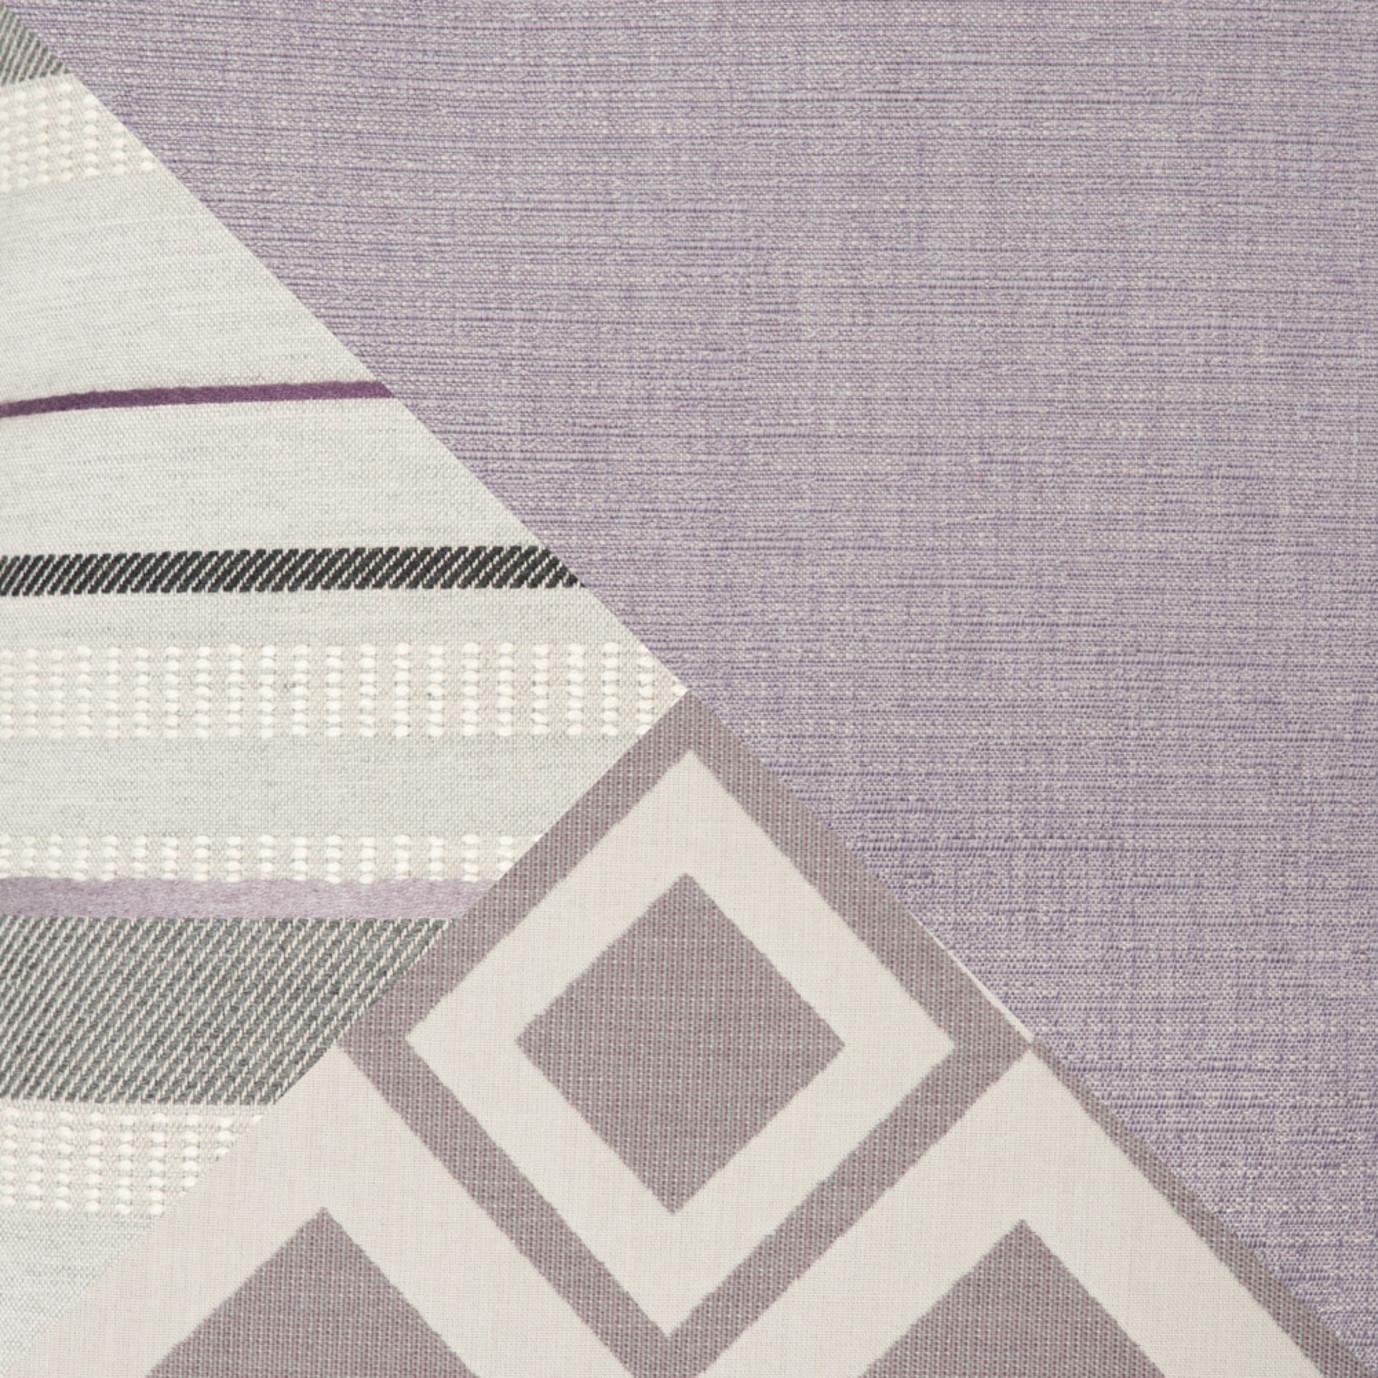 Barcelo™ Sofa & Coffee Table - Wisteria Lavender